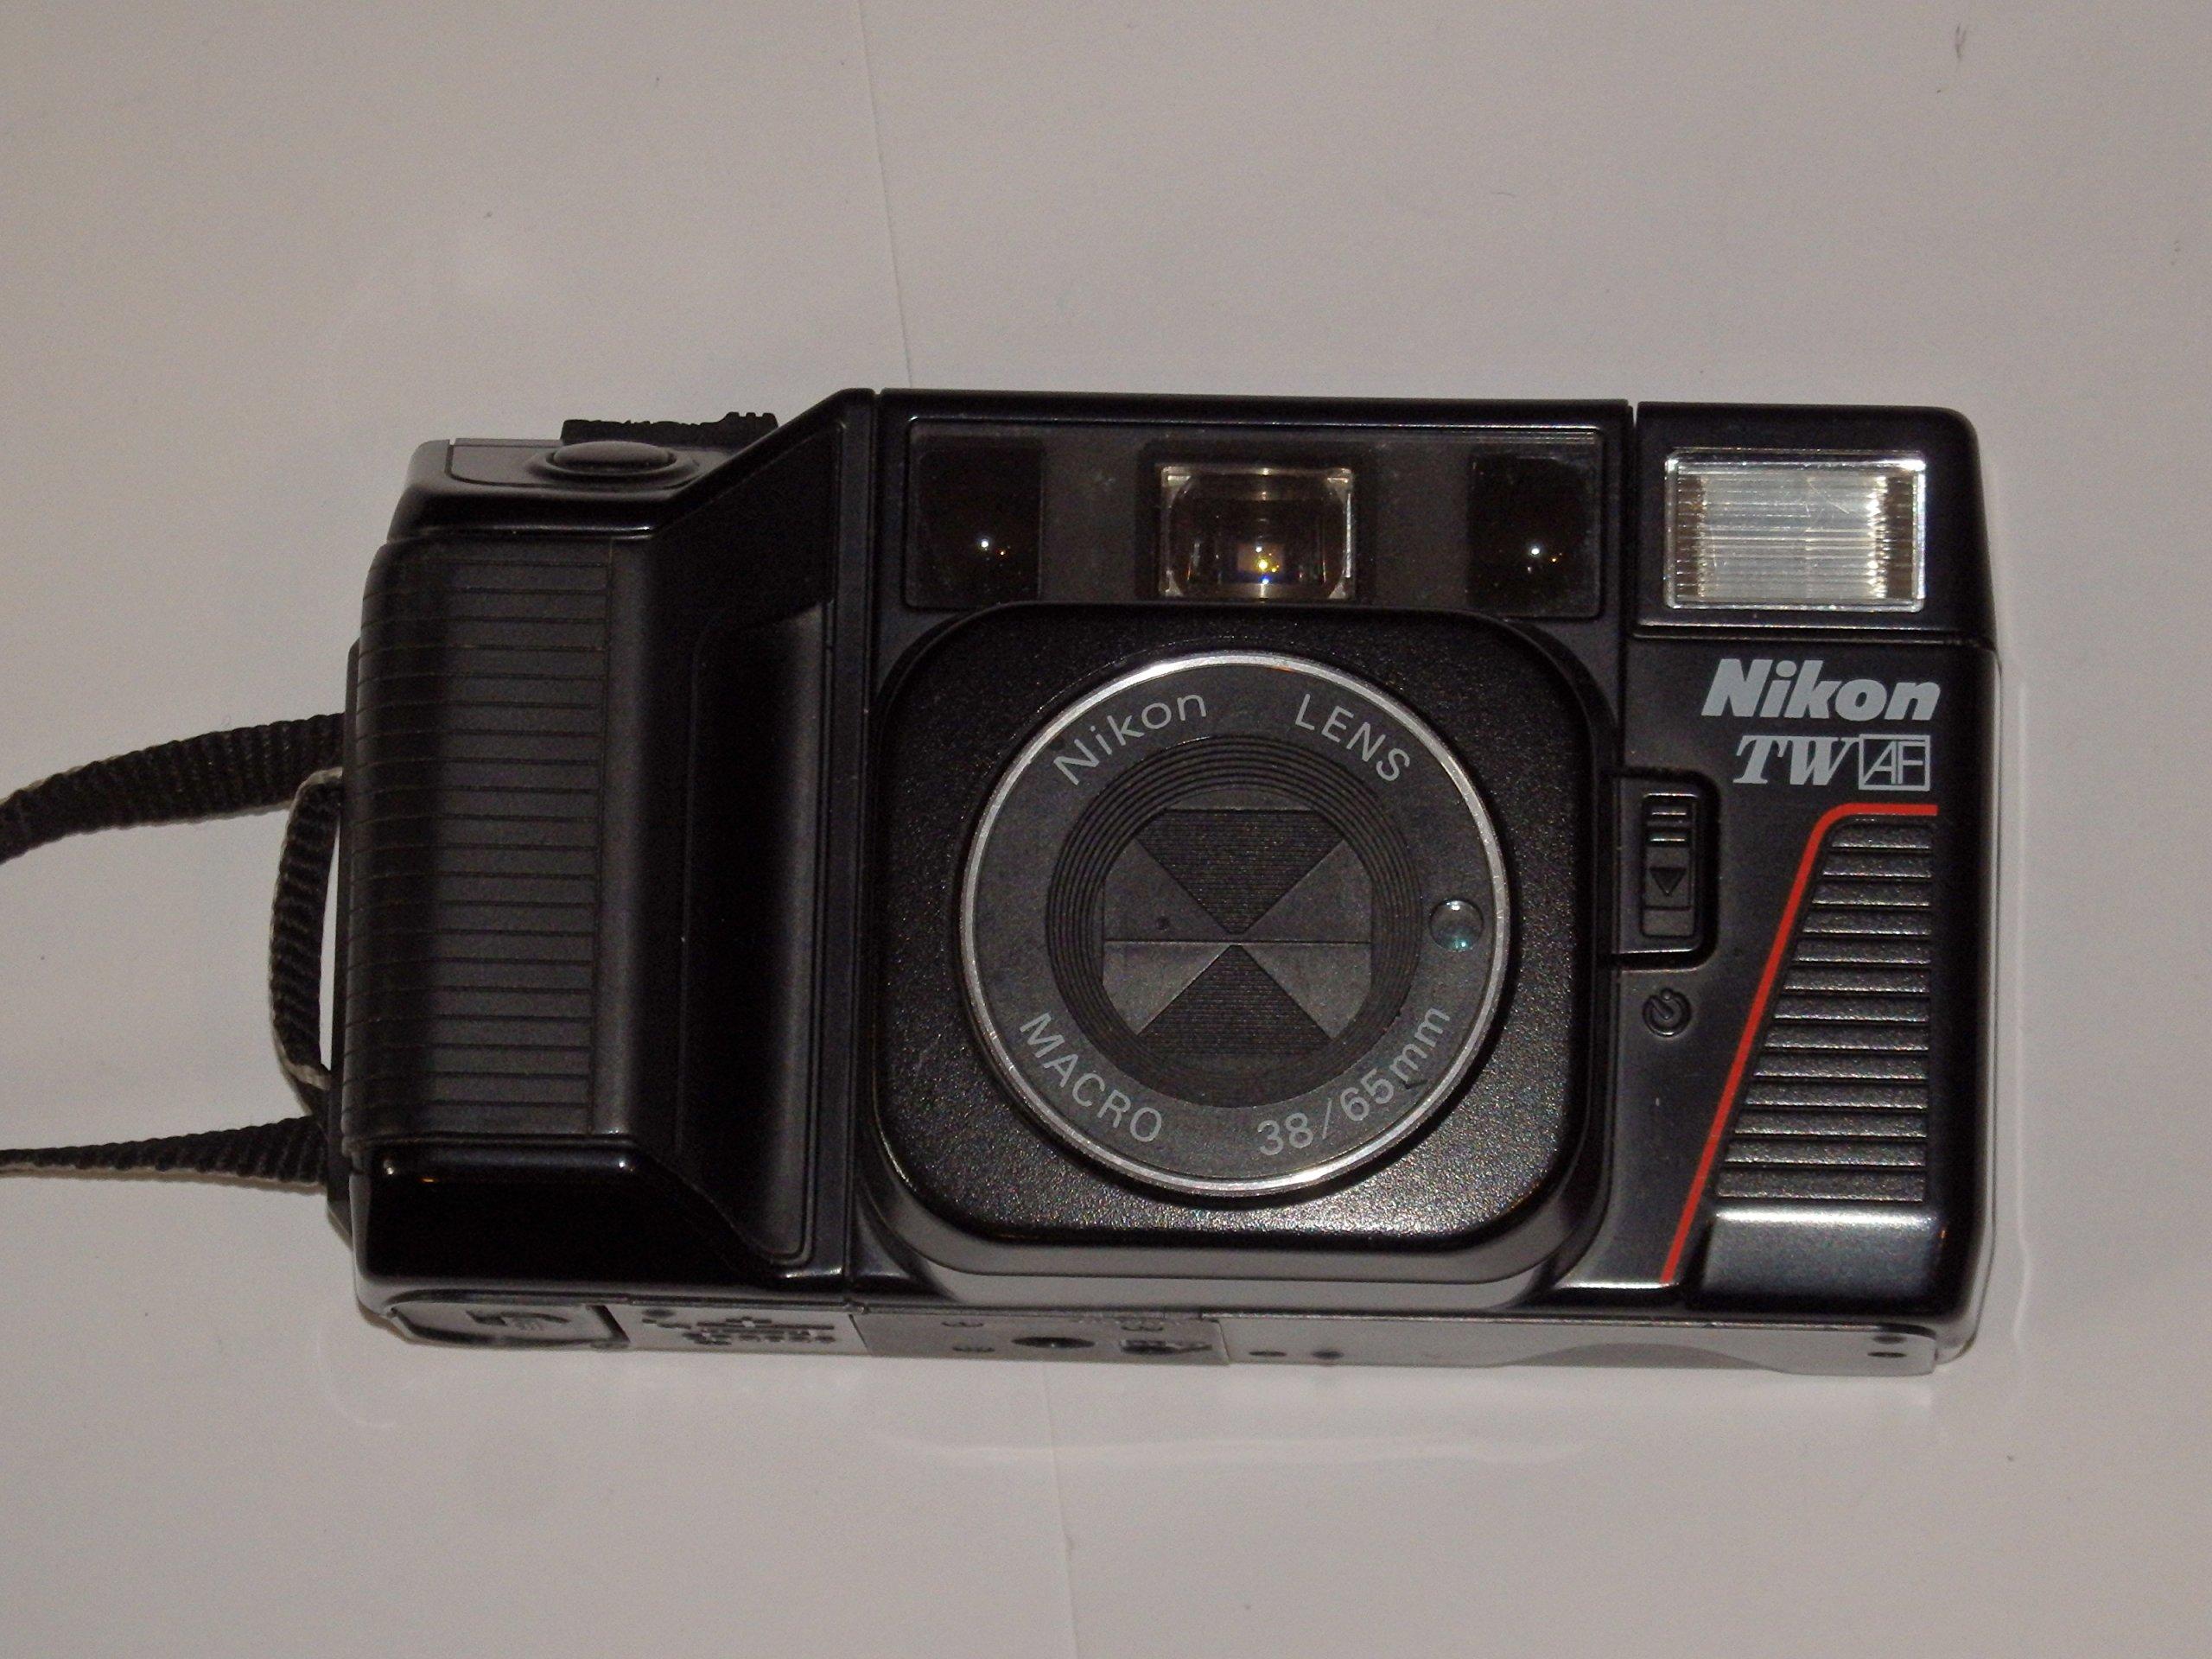 Cámara Compacta – Nikon L35 TW AF con objetivo Nikon Lens 38/65 mm ...